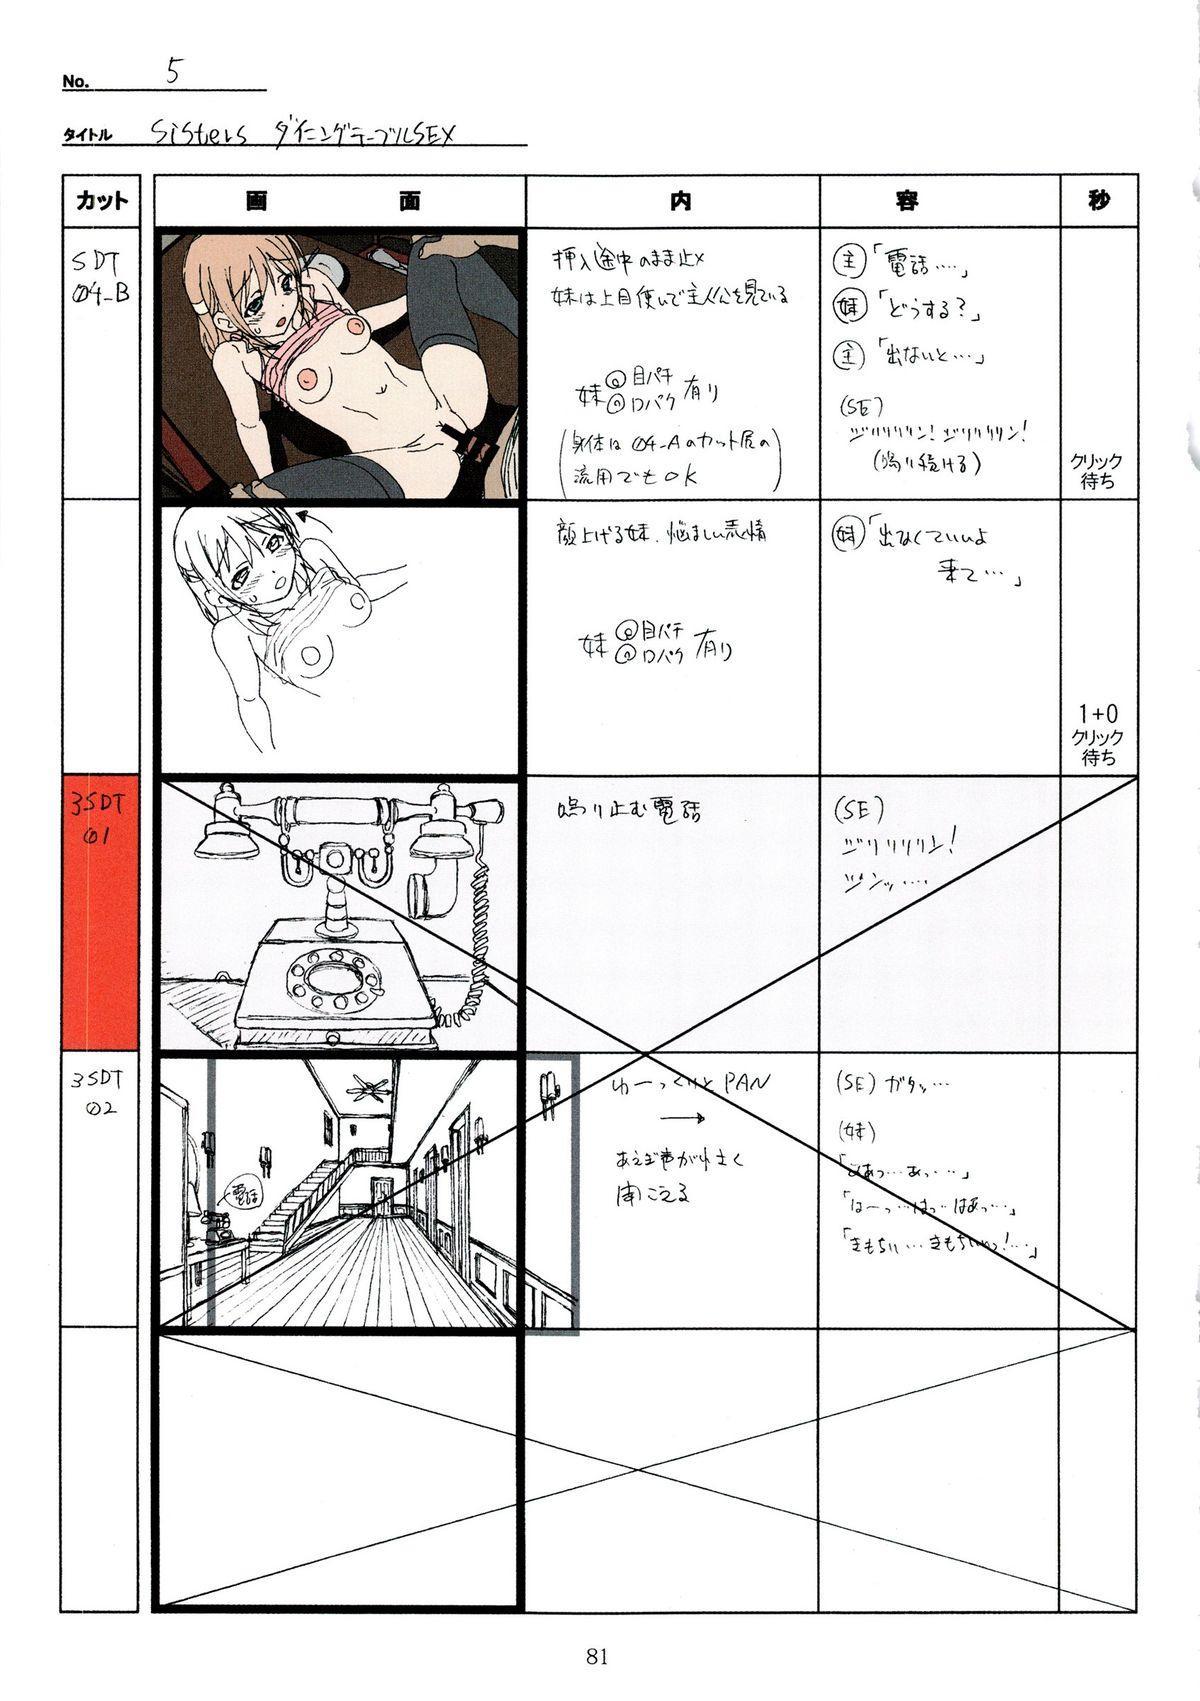 (C89) [Makino Jimusho (Taki Minashika)] SISTERS -Natsu no Saigo no Hi- H Scene All Part Storyboard (SISTERS -Natsu no Saigo no Hi-) 80